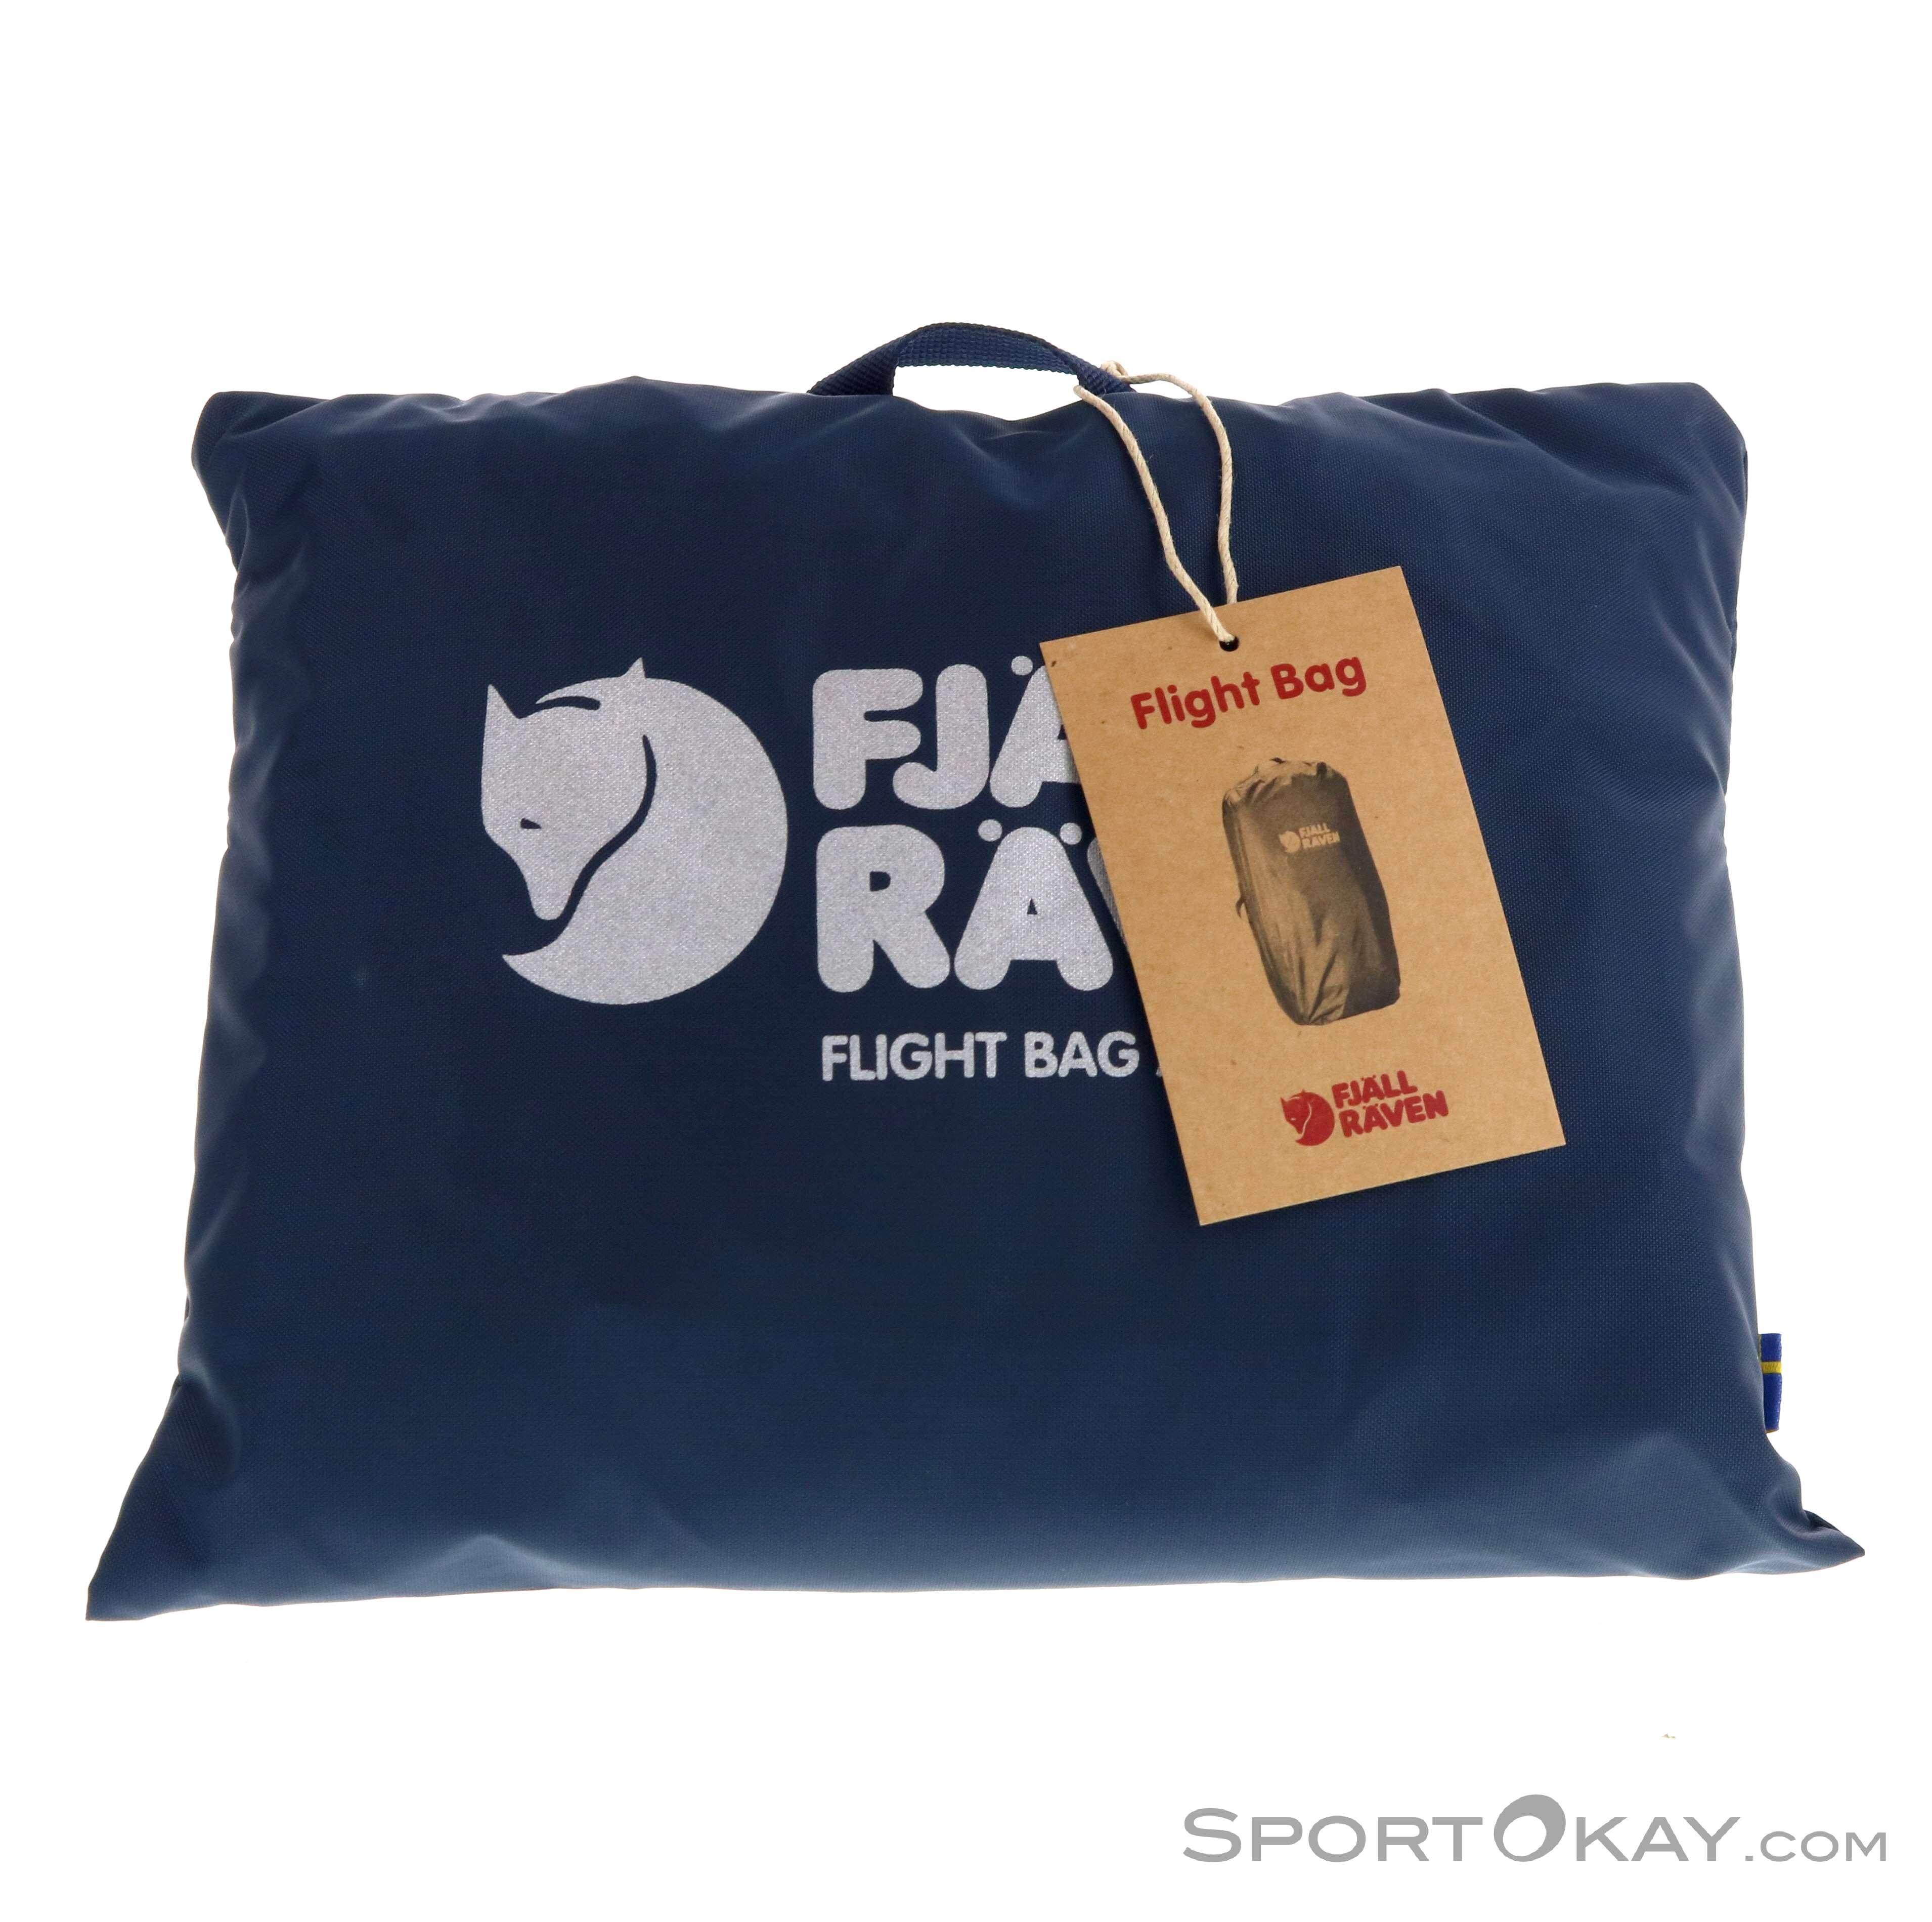 47131c68930 Fjällräven Flight Bag 90-100l Rain Cover - Backpacks - Backpacks ...